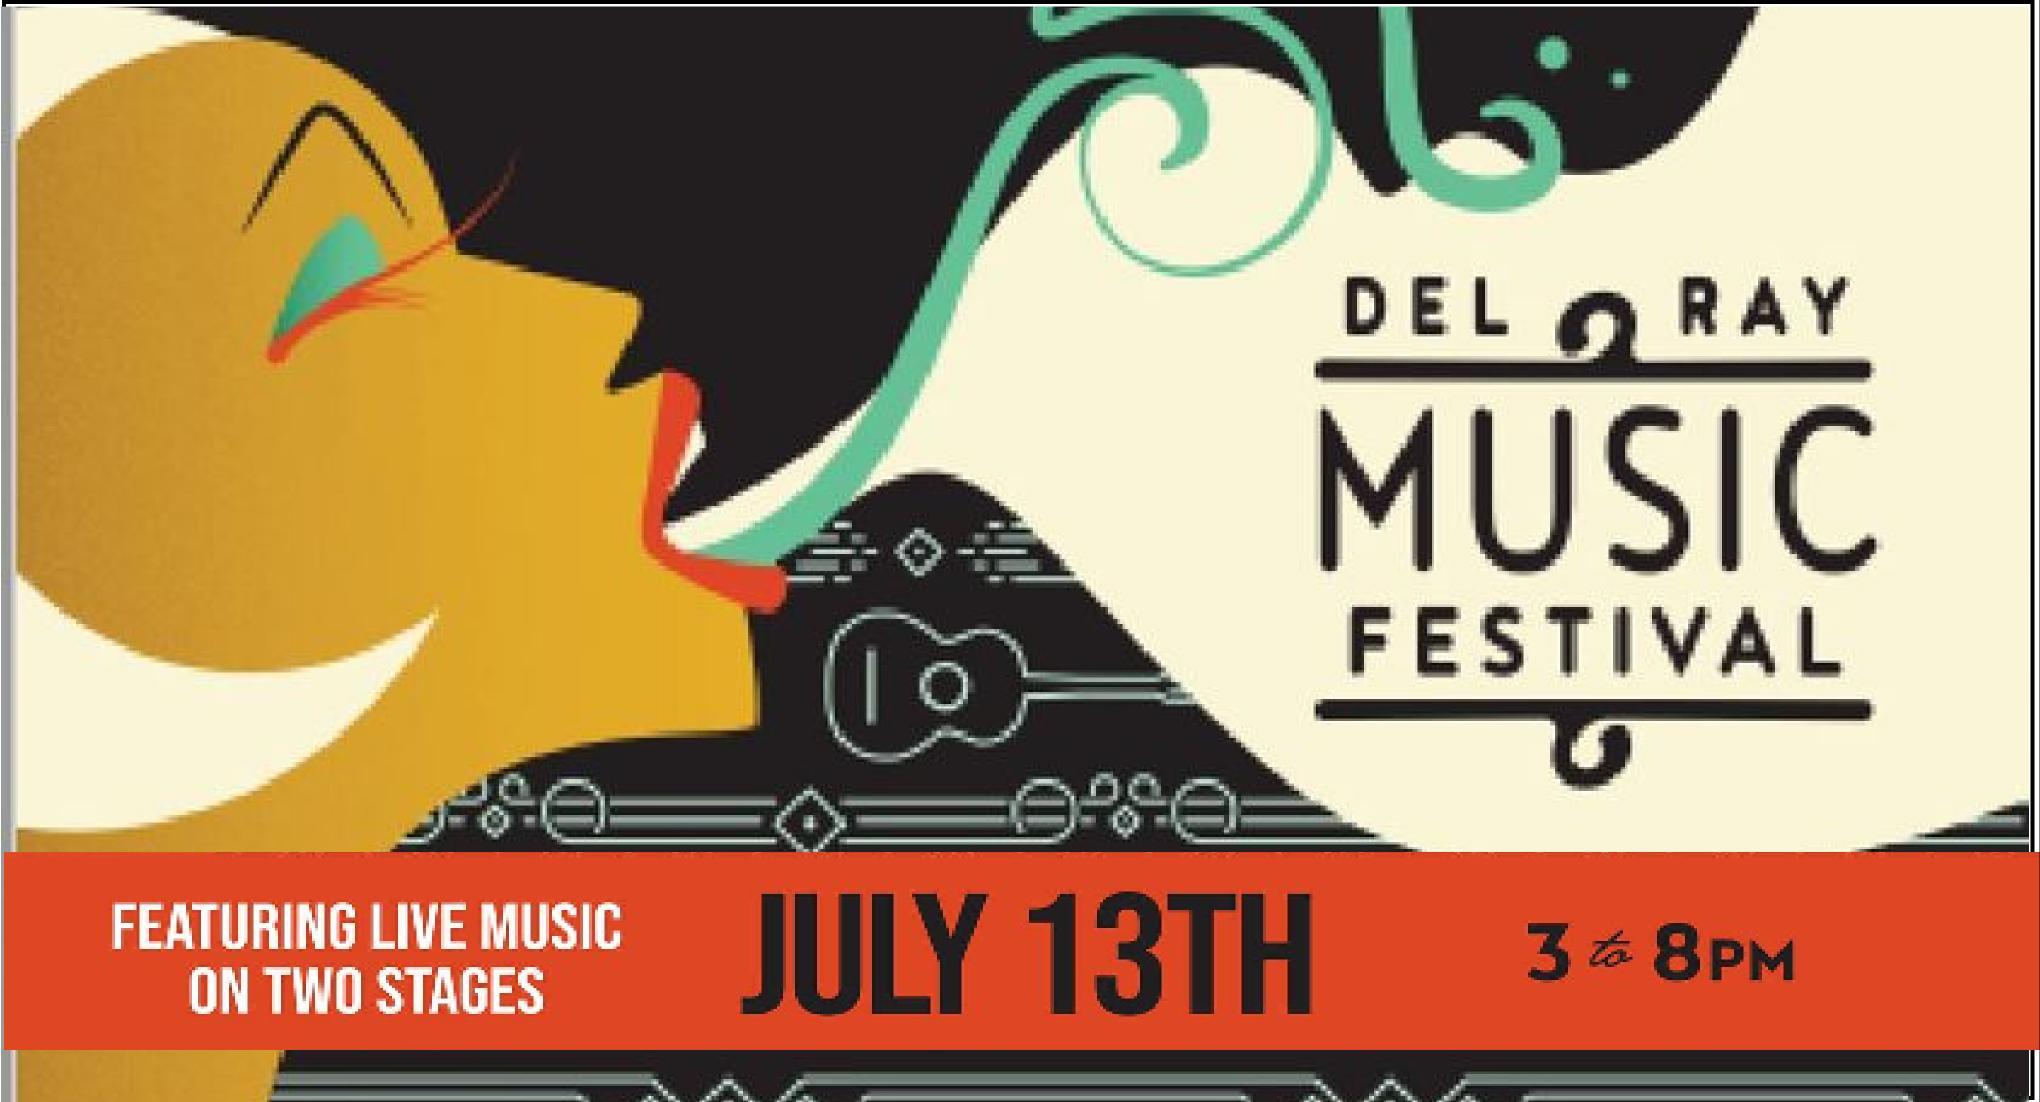 Del Ray Music Festival 2019